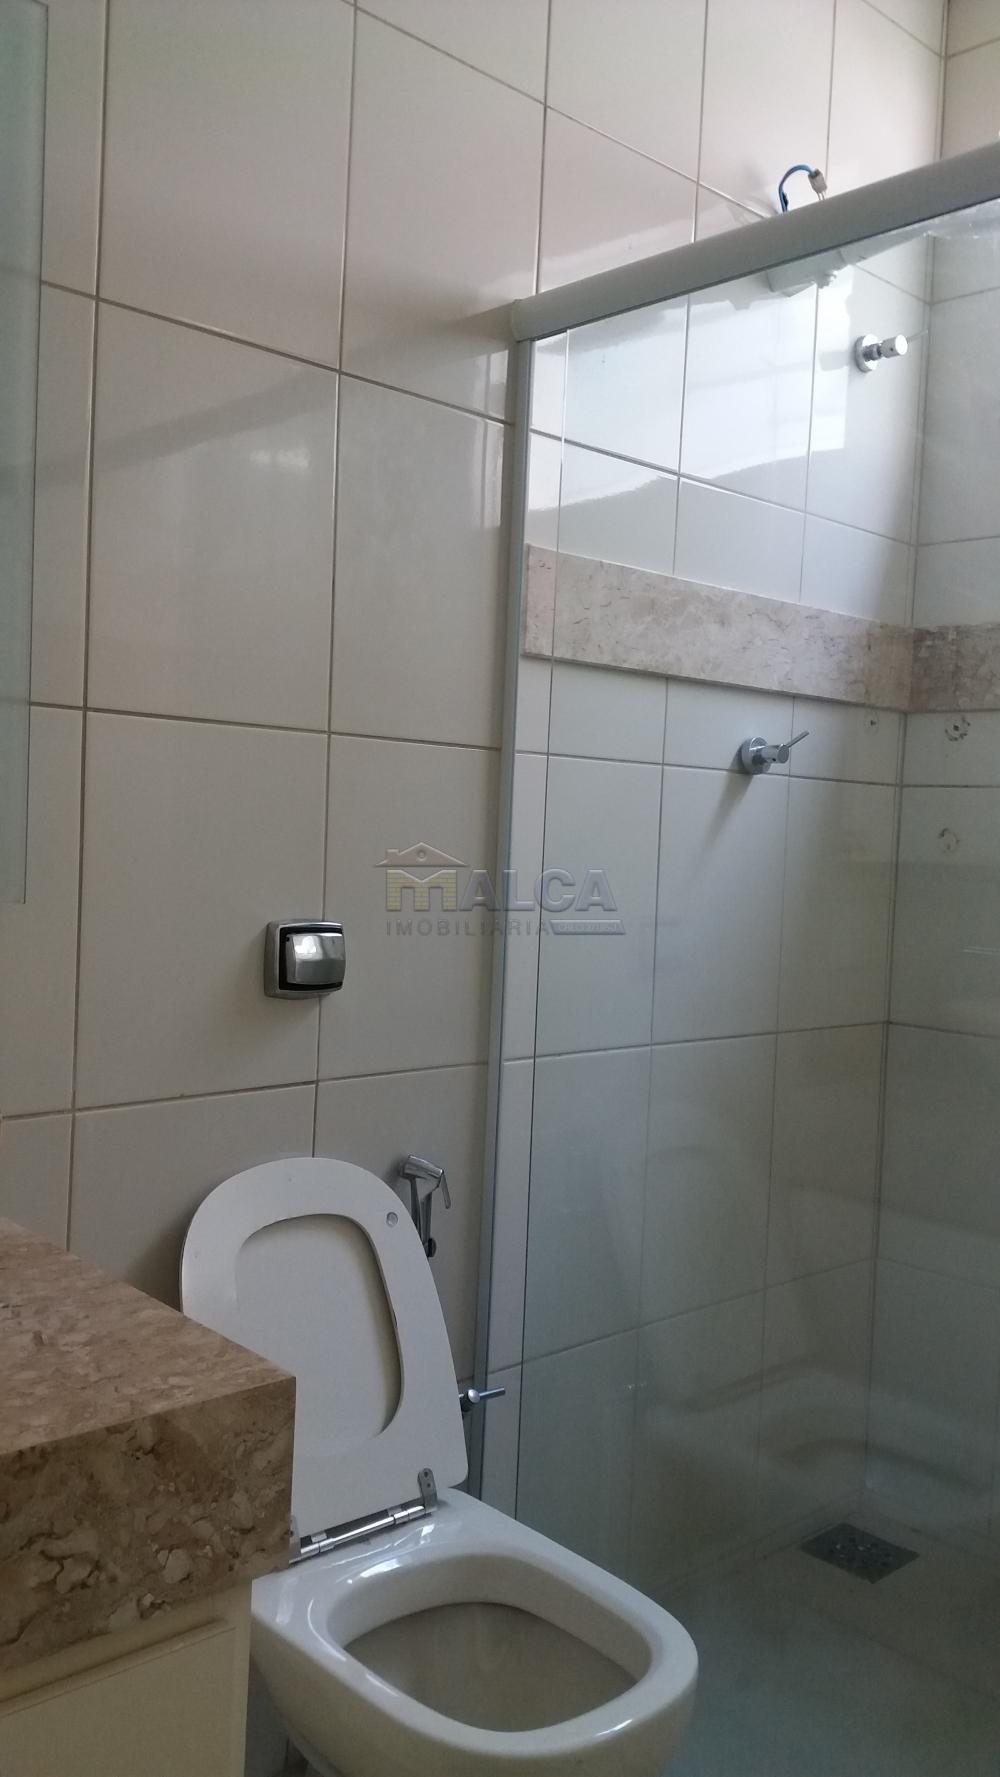 Comprar Casas / Padrão em São José do Rio Pardo R$ 690.000,00 - Foto 21